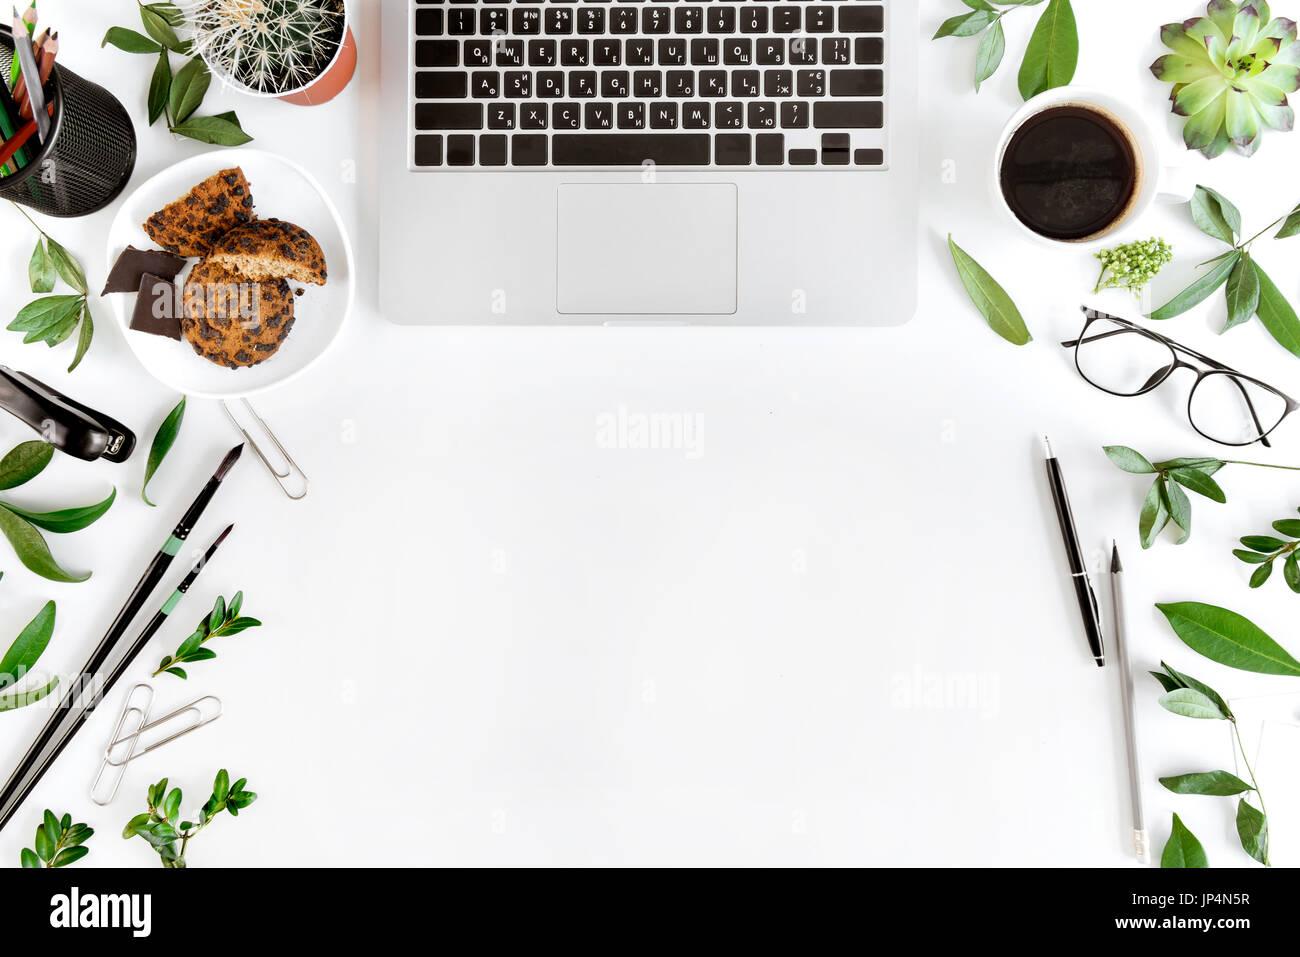 Vista superior del portátil, suministros de oficina y la taza de café en el lugar de trabajo aislado en blanco, el concepto de comunicación inalámbrica Imagen De Stock